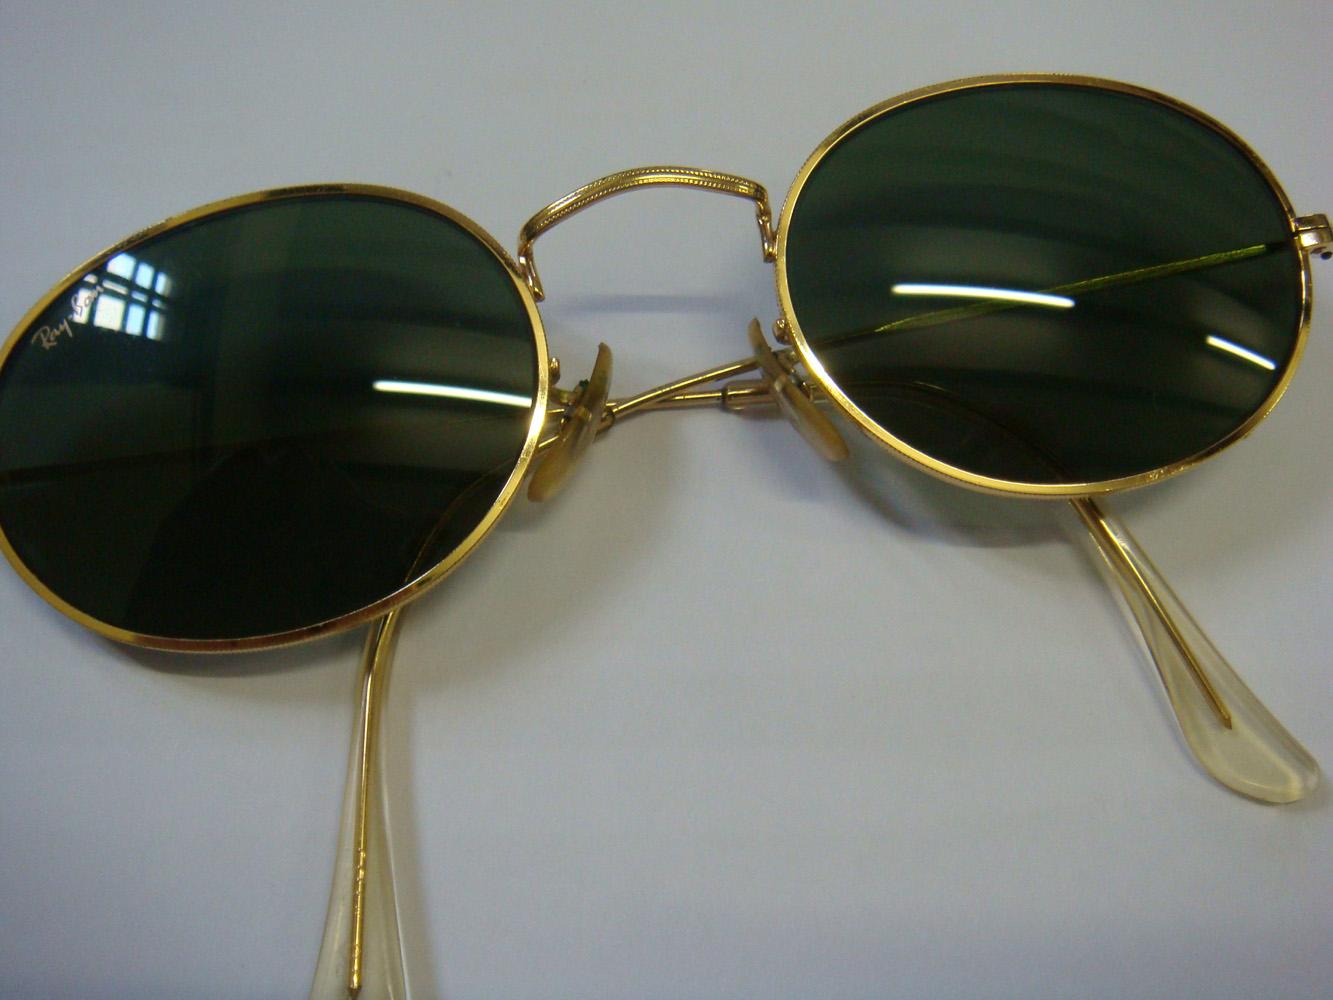 c8c428d5e80 Ray Ban John Lennon Sunglasses « Heritage Malta